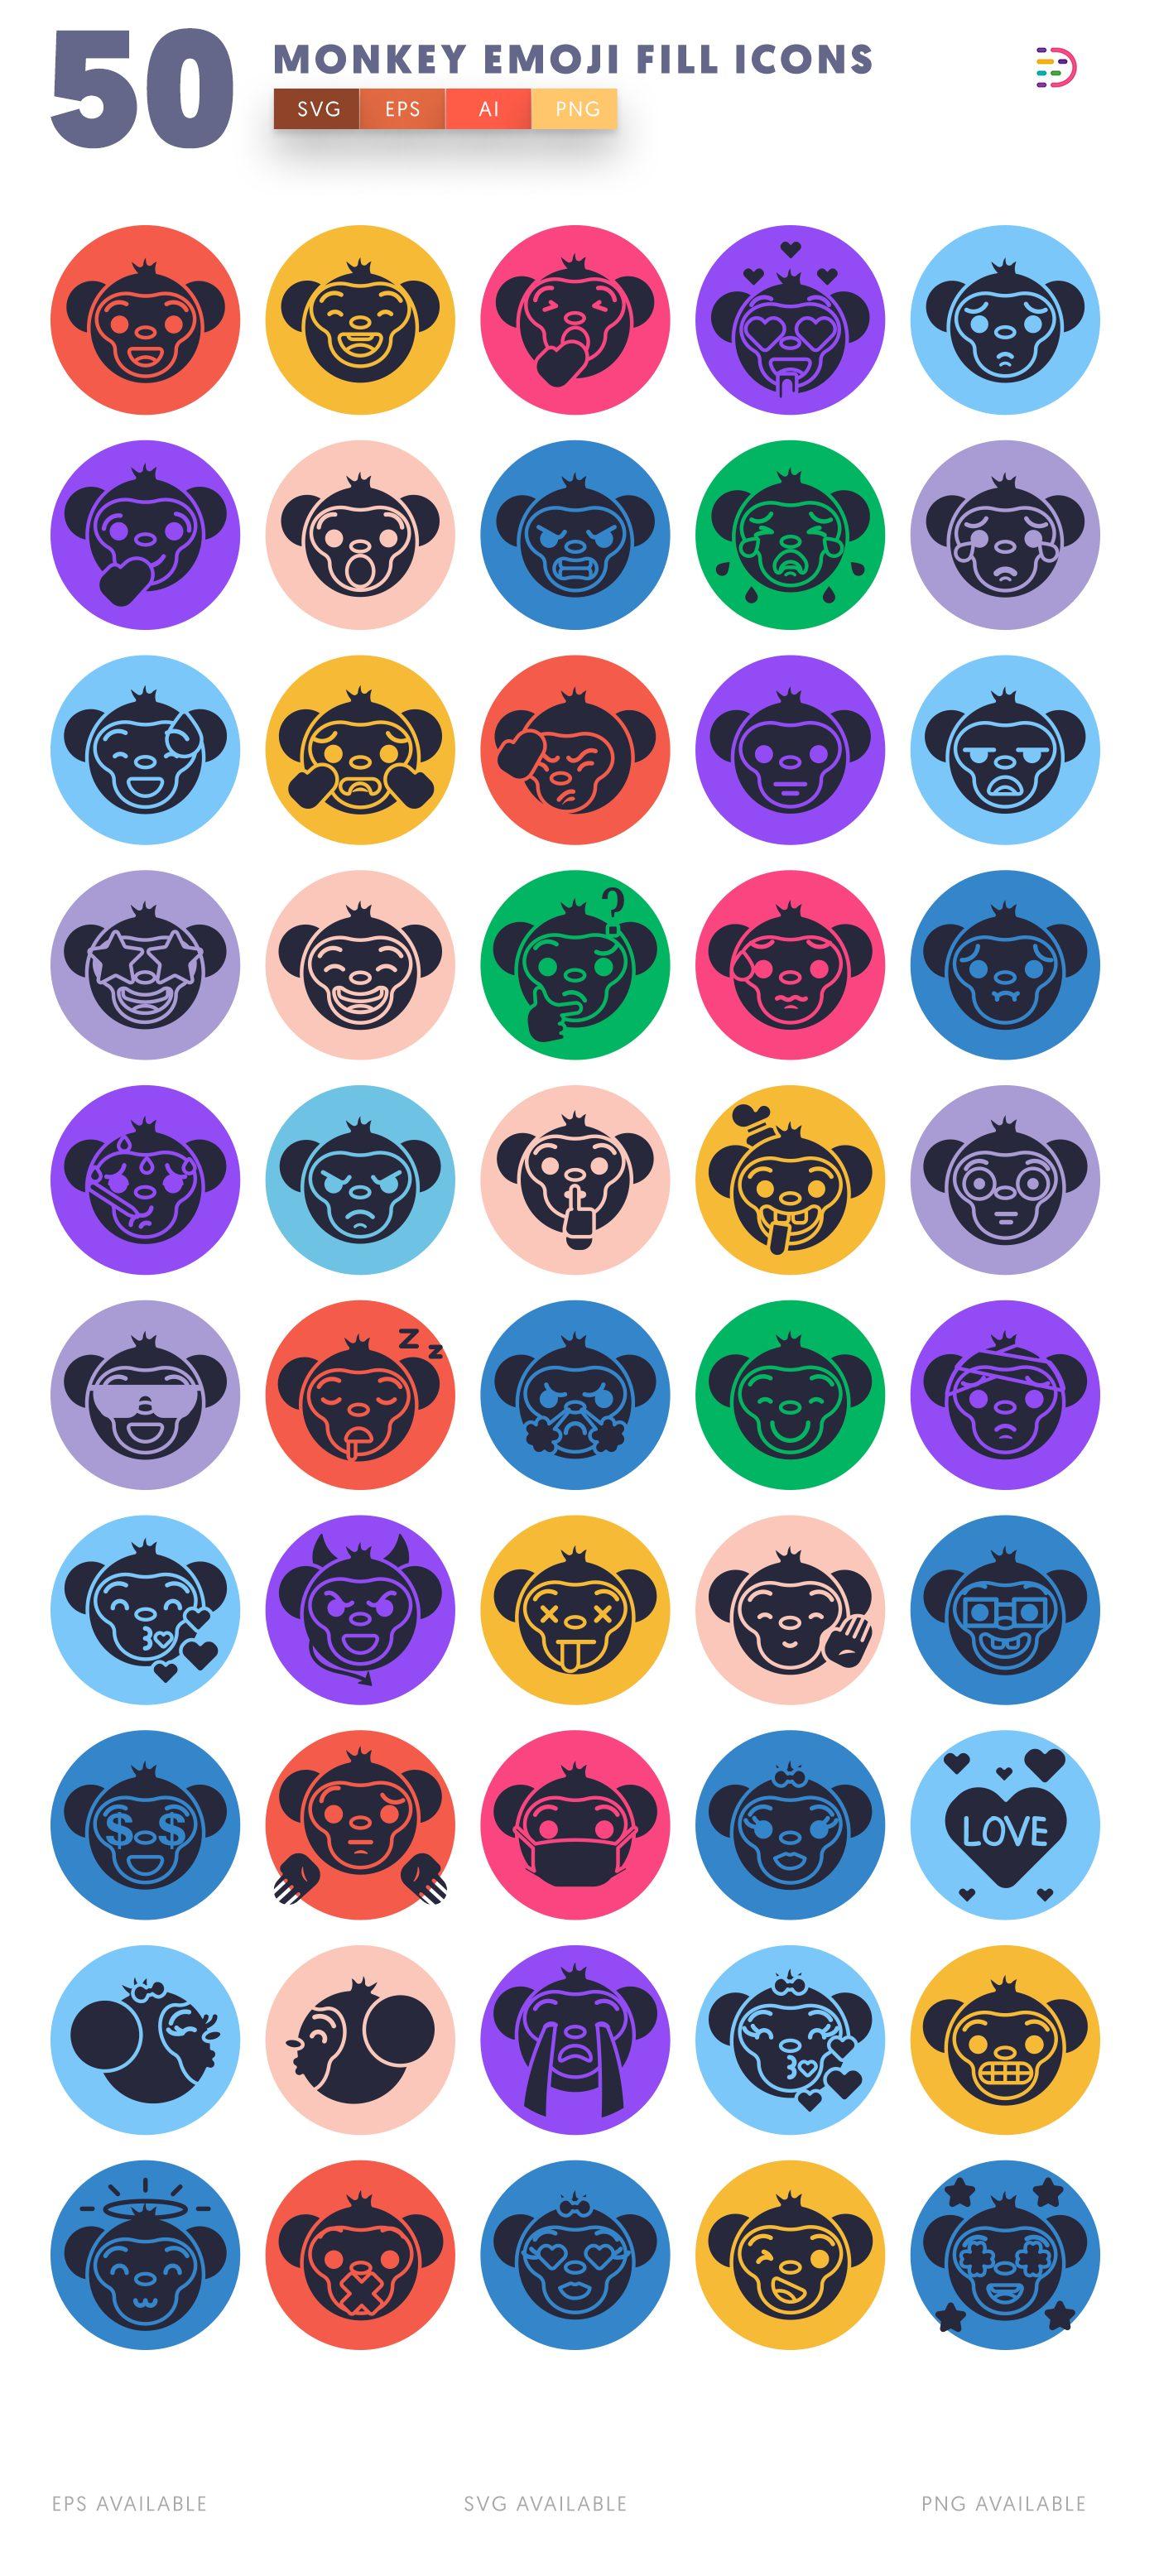 Monkey Emoji Fill icon pack